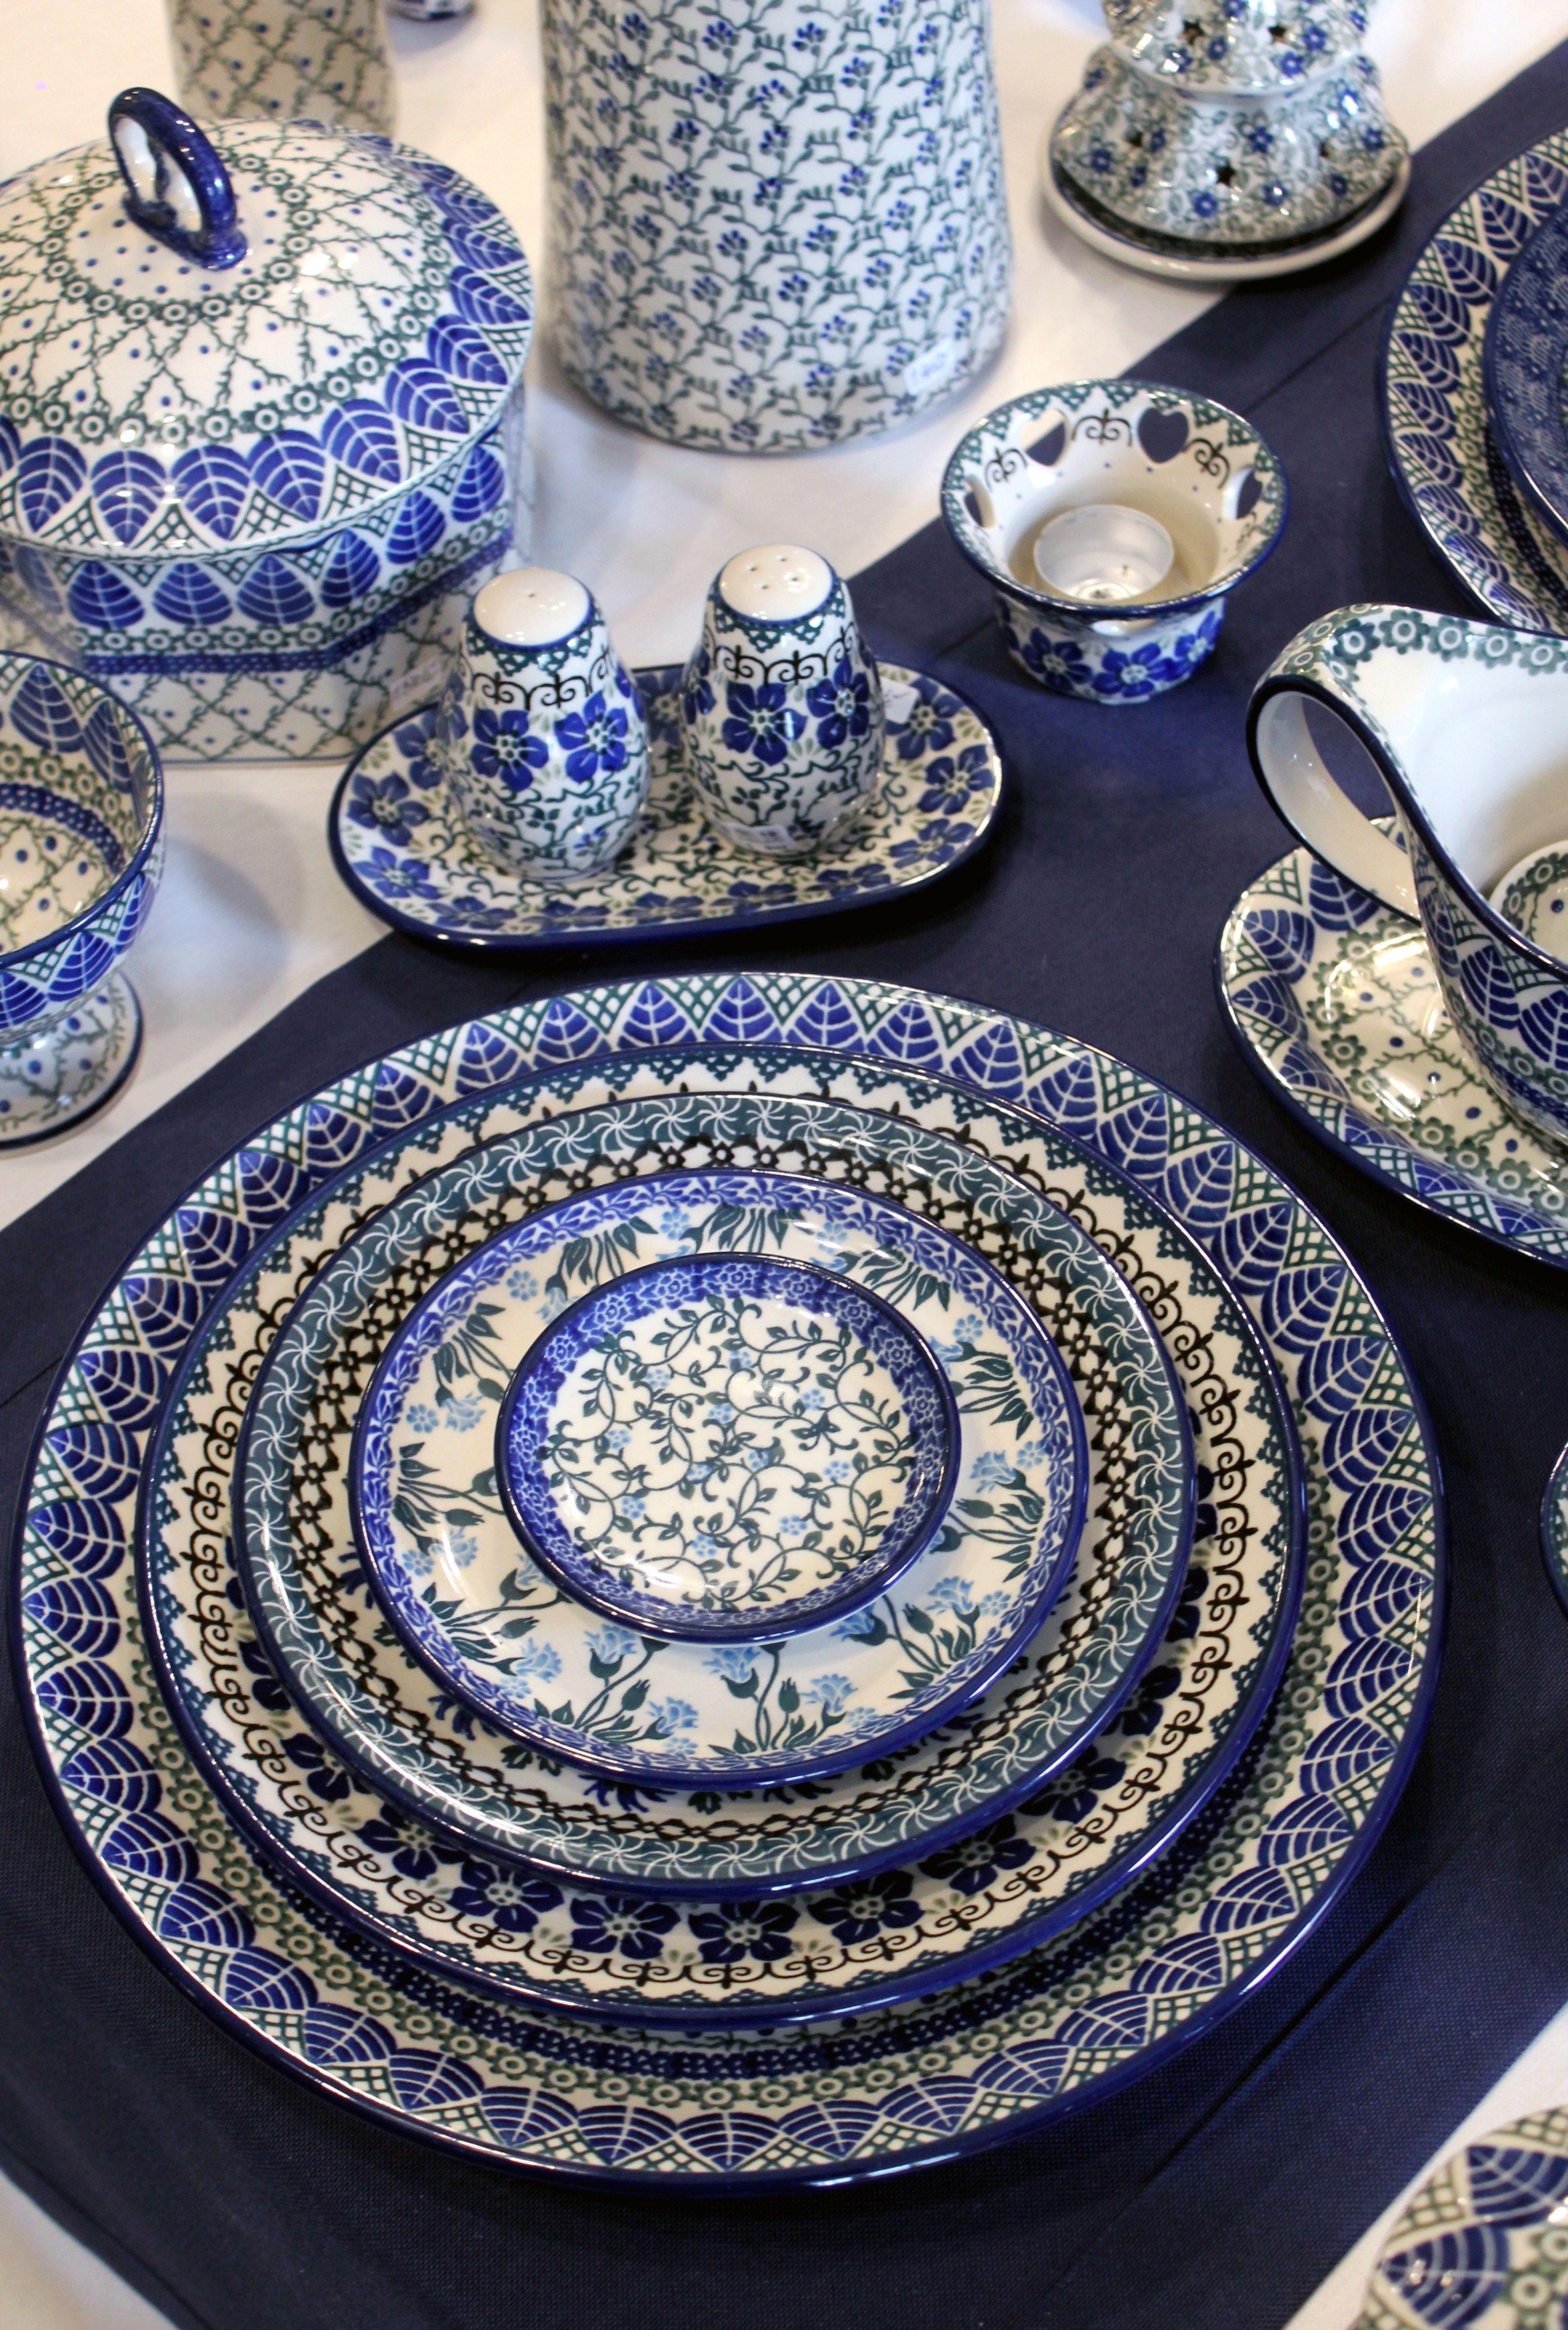 Elimashop Cz Handmade Polish Pottery From Boleslawiec Bunzlauer Keramik Ceramics Stoneware Elimashop Cz Shipping Worldwide Artystyczna Tr Kuchyne